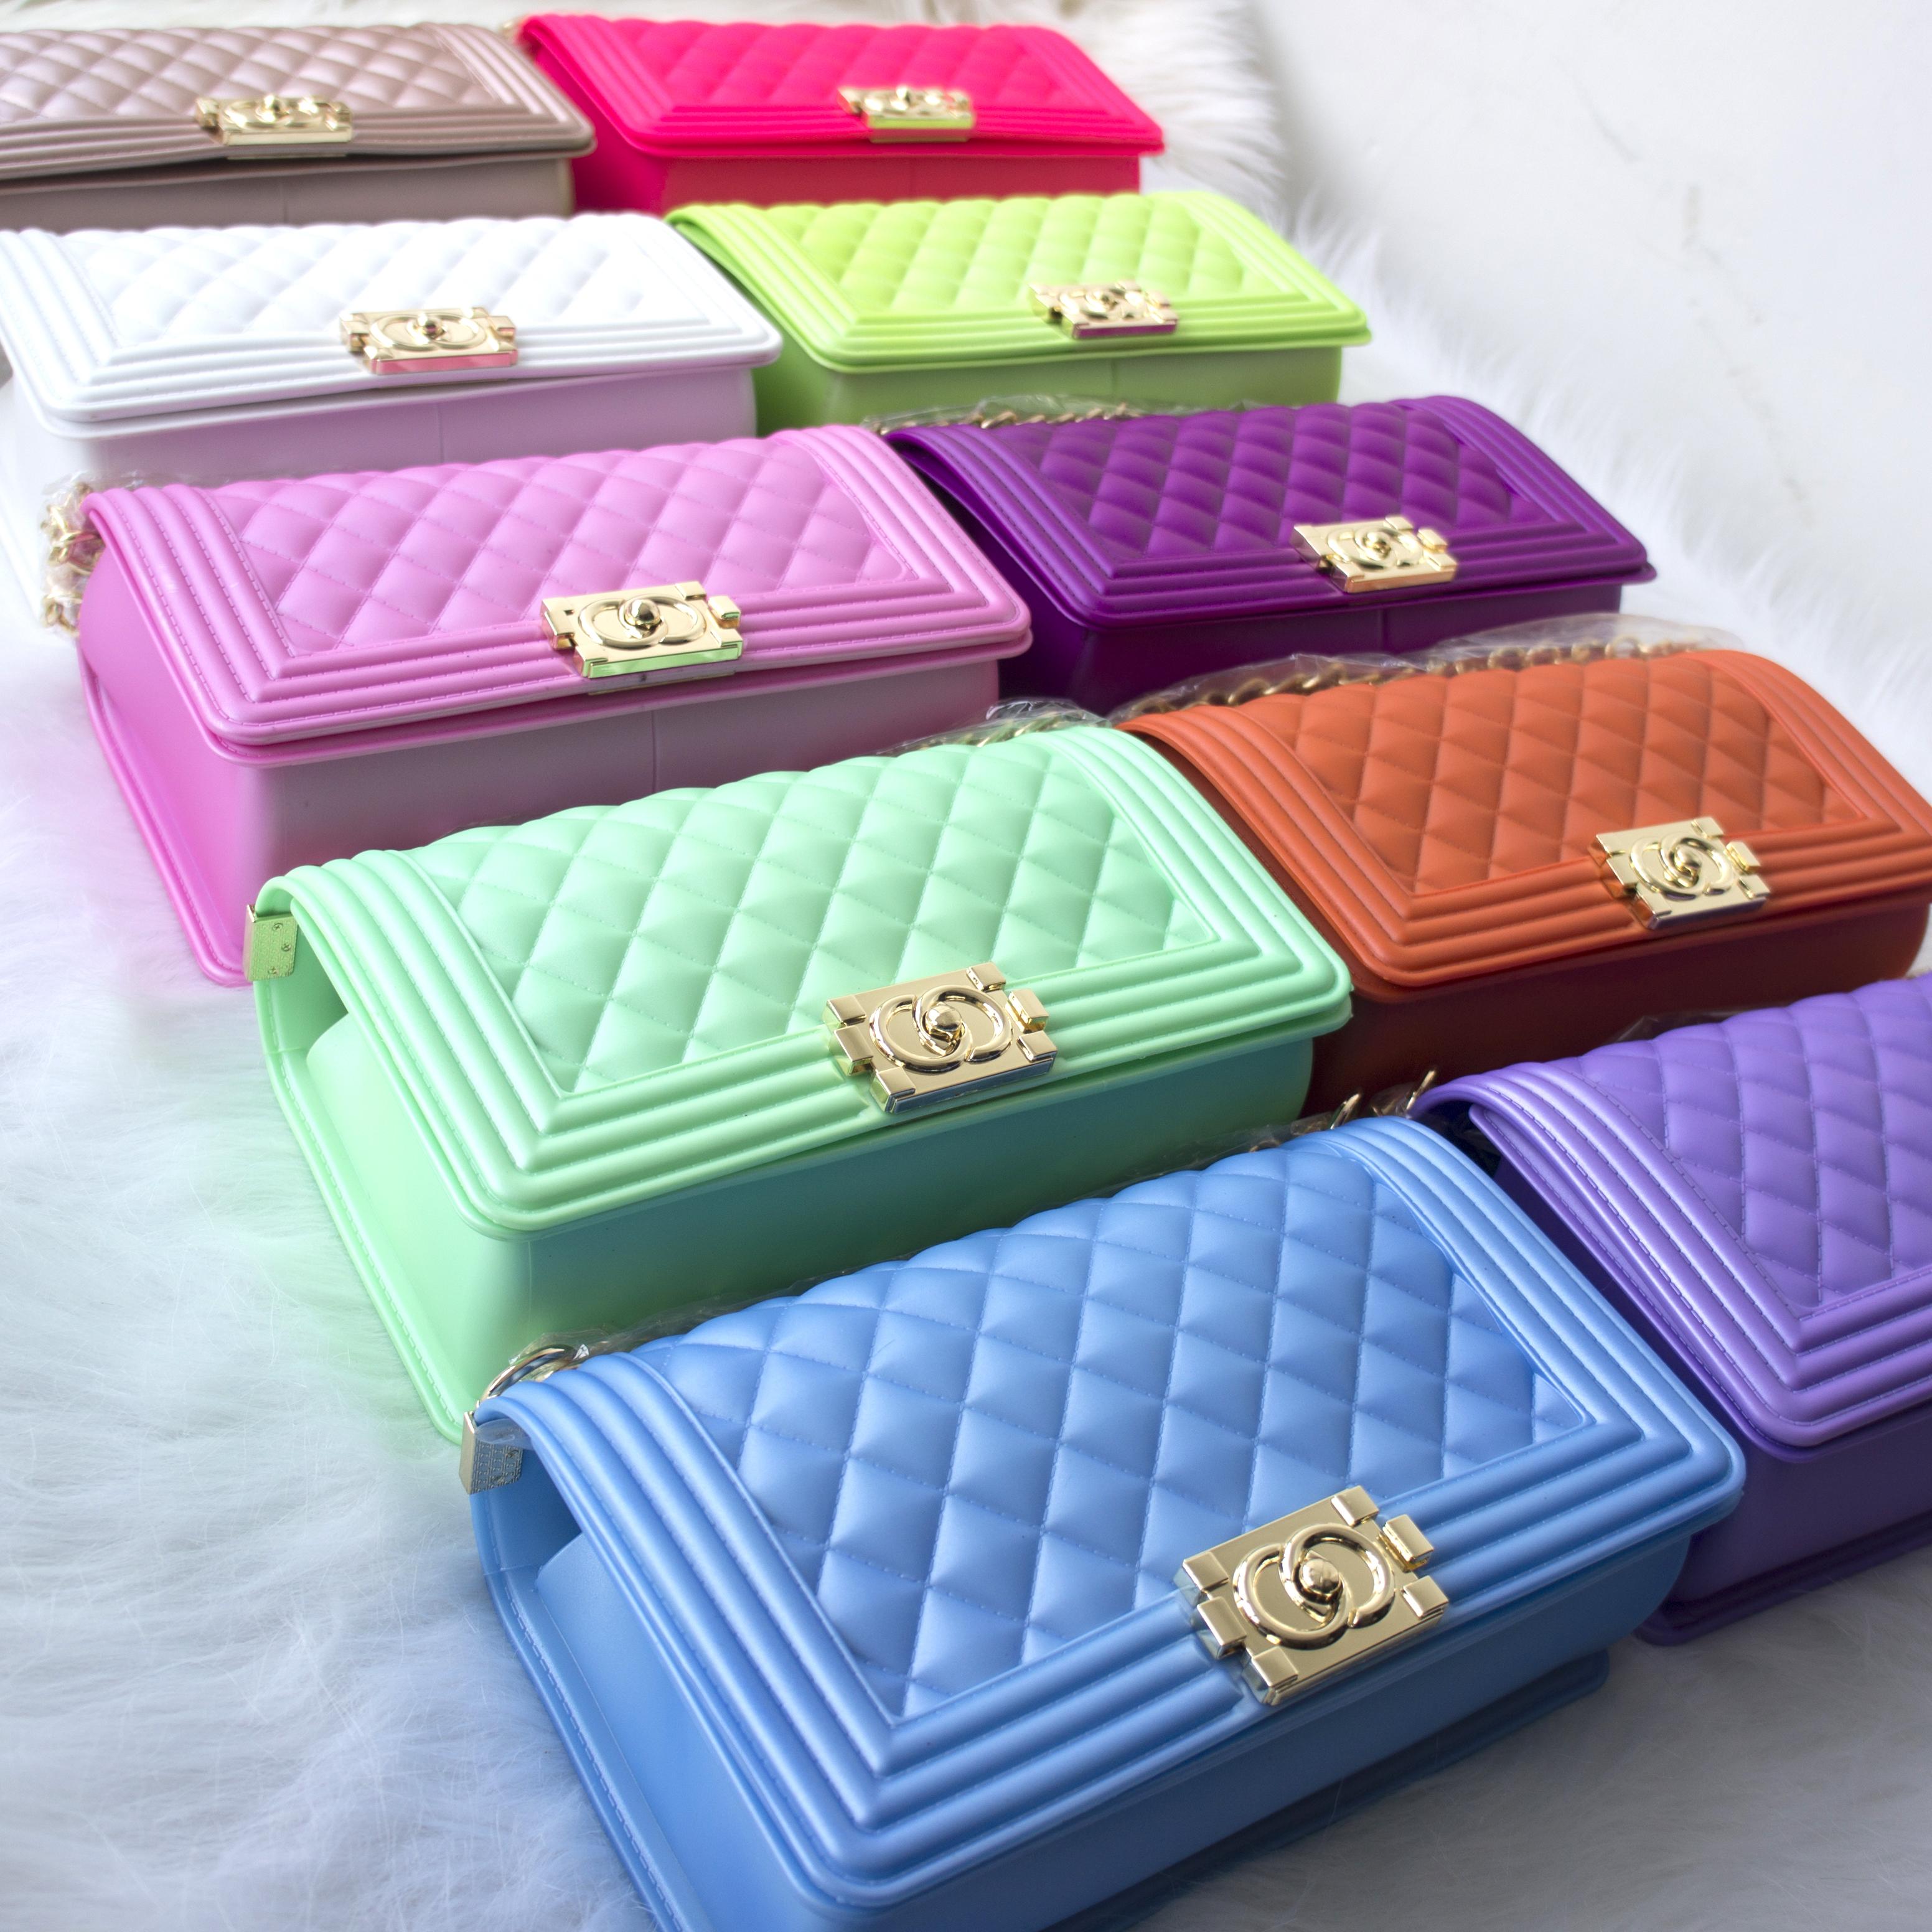 Новая женская Горячая Распродажа Желейная сумка через плечо цветная сумка из ПВХ сумка через плечо